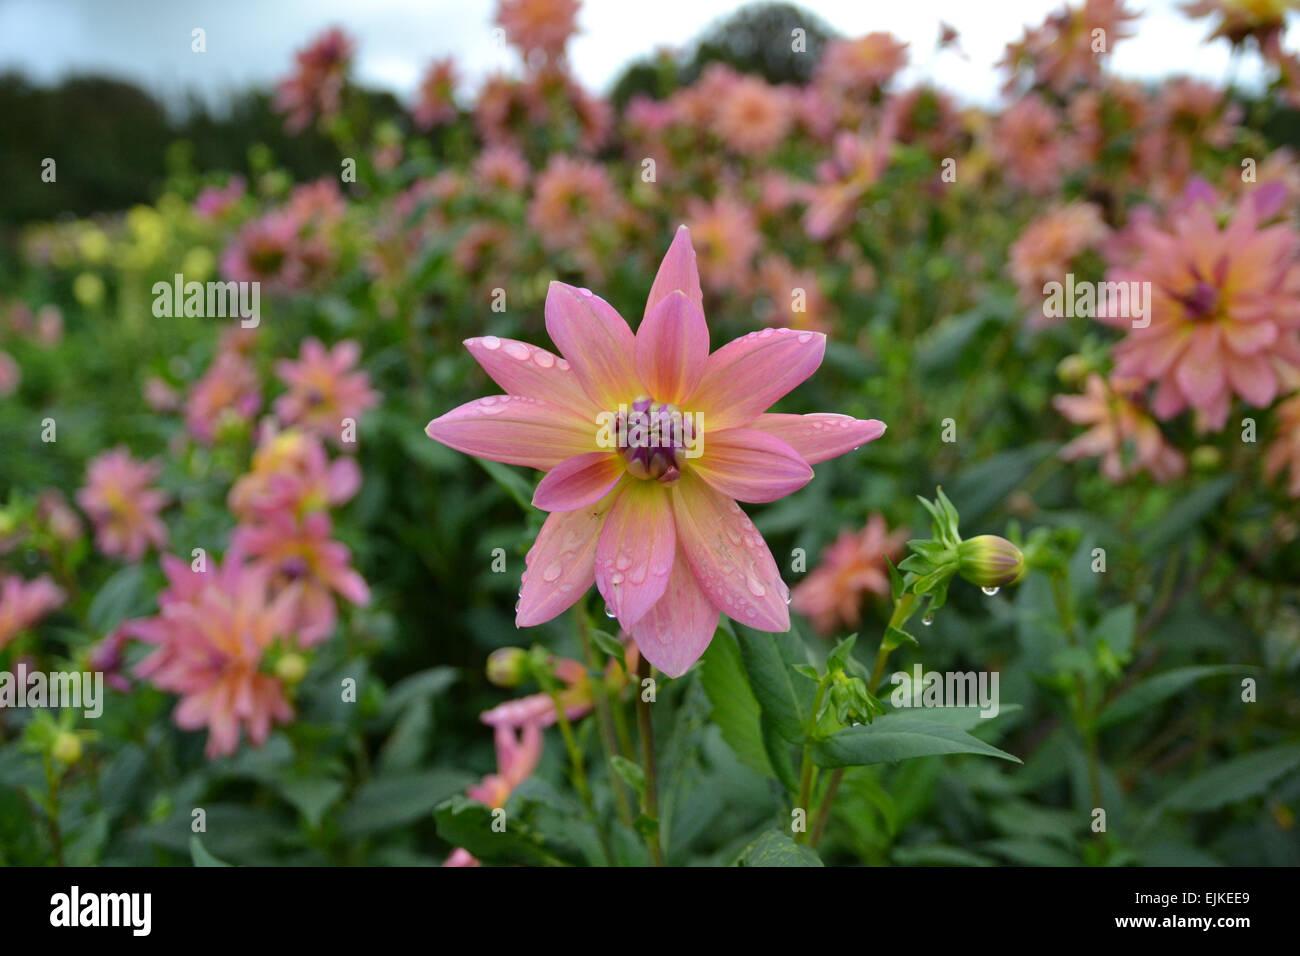 Rosa Fiore Dahlia vareity 'yelno incanto' contro un campo di più piante Immagini Stock